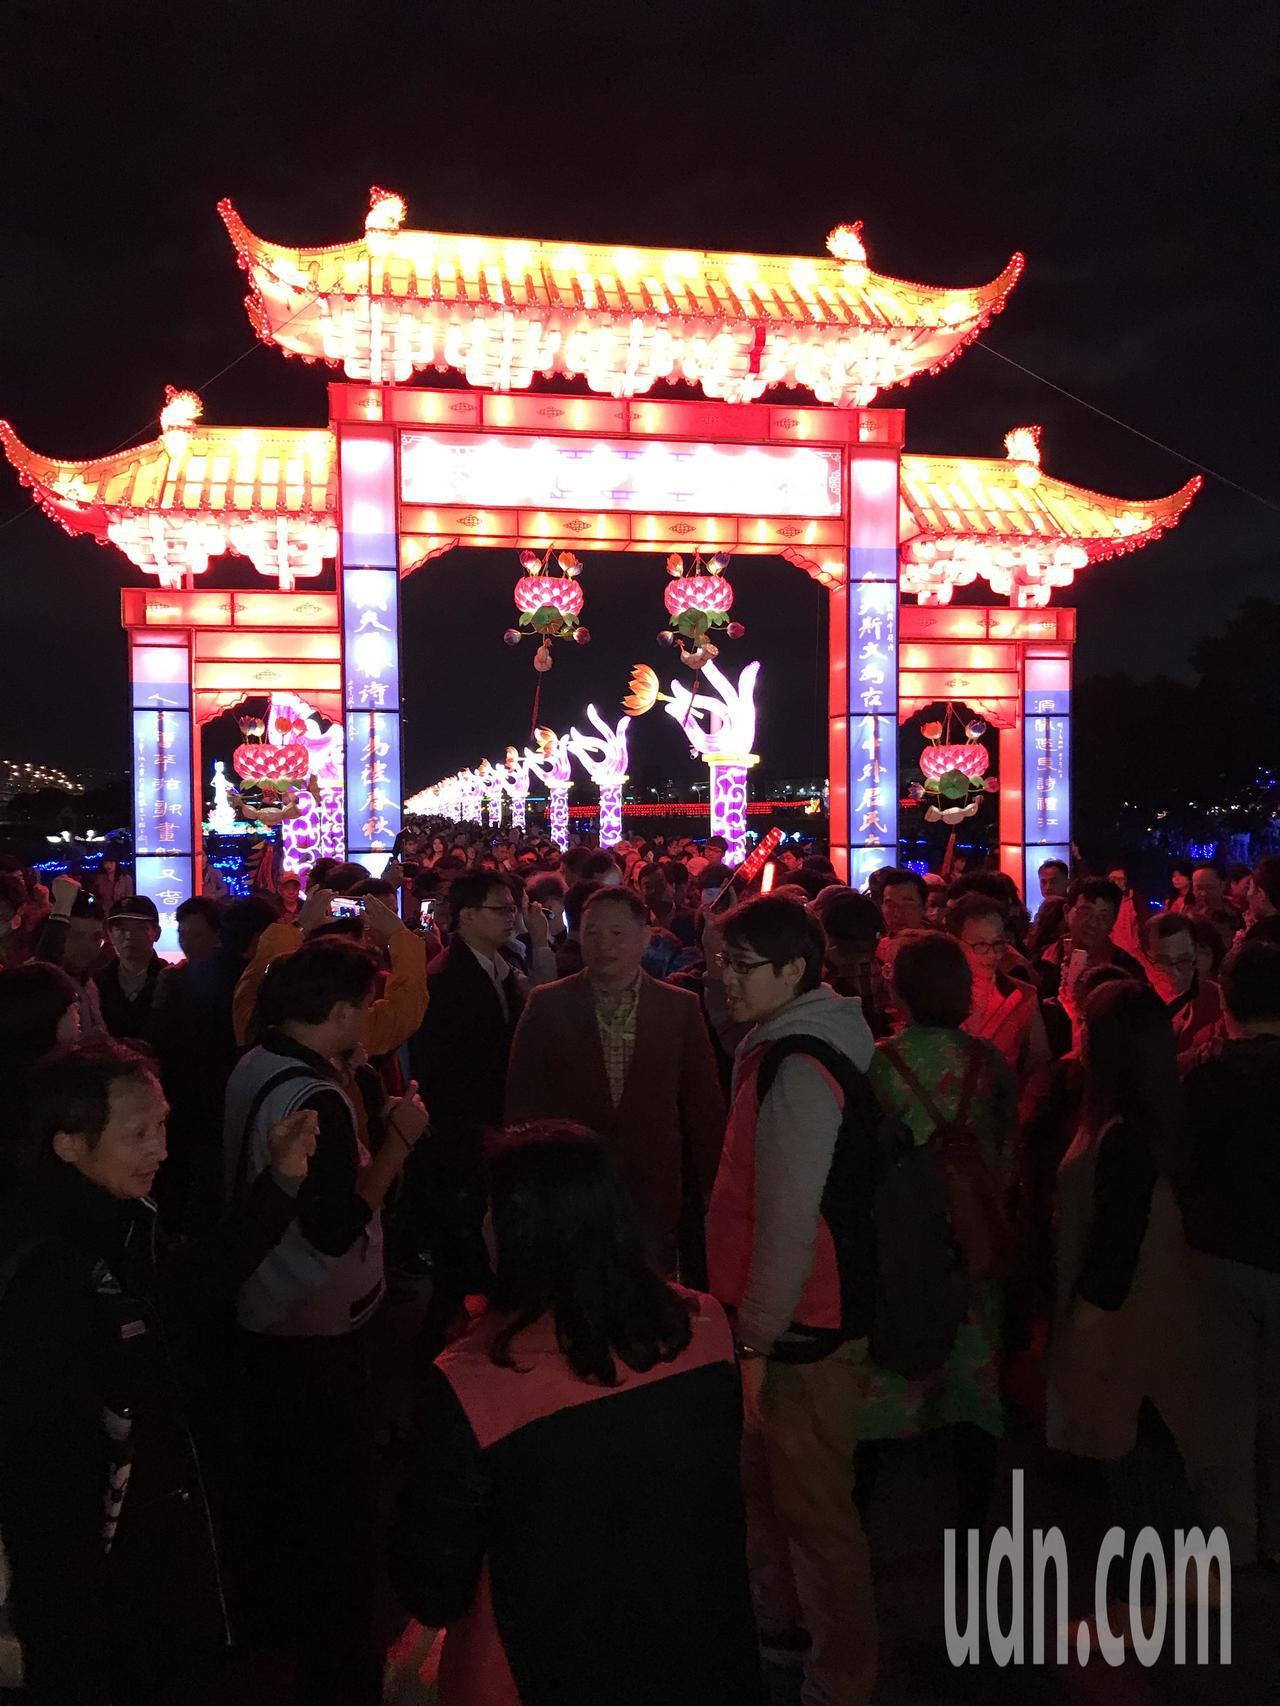 新北旺來福來燈會今晚點燈,現場擠滿賞燈人潮。記者陳珮琦╱攝影